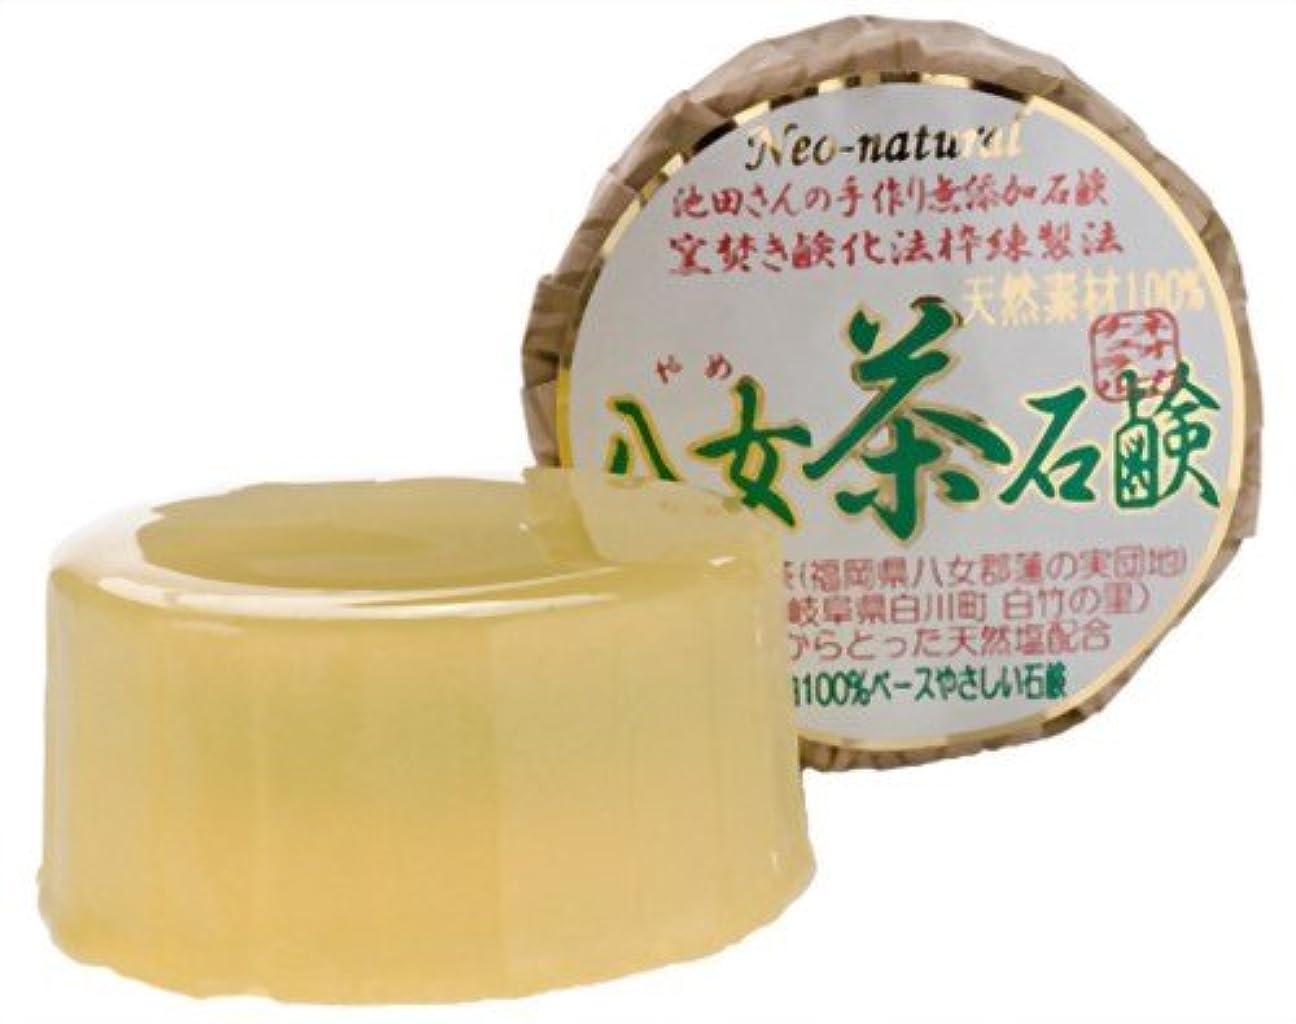 オーチャードスリラー害虫ネオナチュラル 池田さんの八女茶石鹸 80g